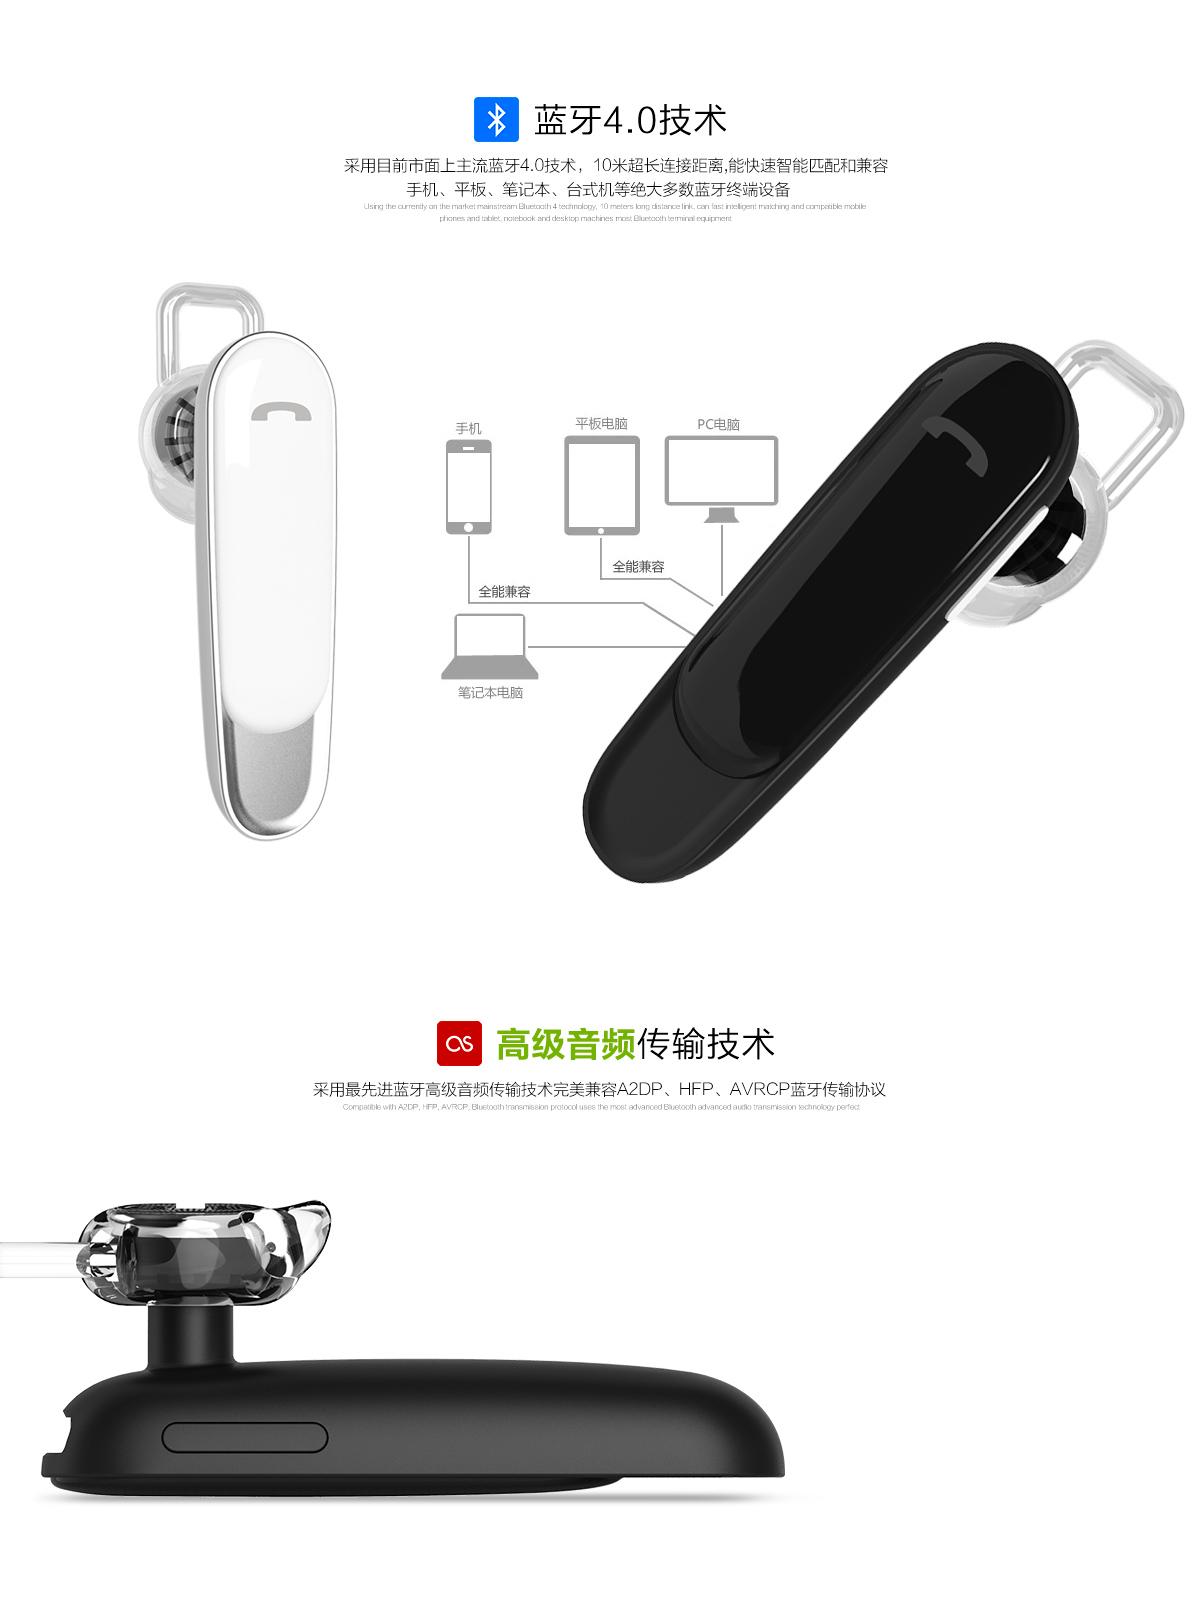 蓝牙耳机-1_02.jpg